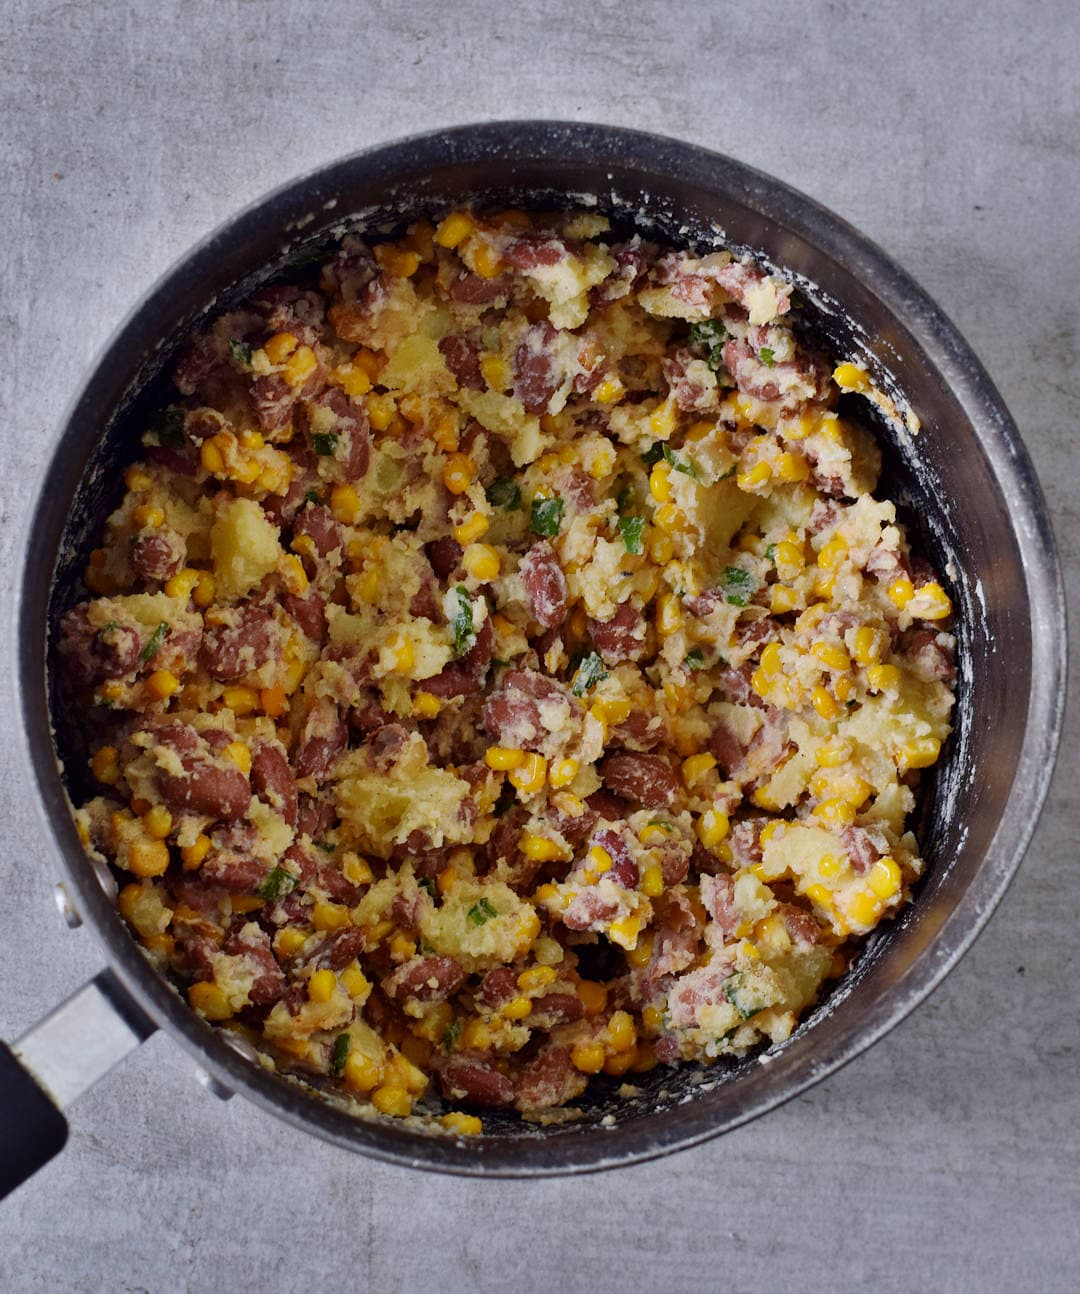 Gemüse Mischung für gefüllte Ofenkartoffeln in einem Topf